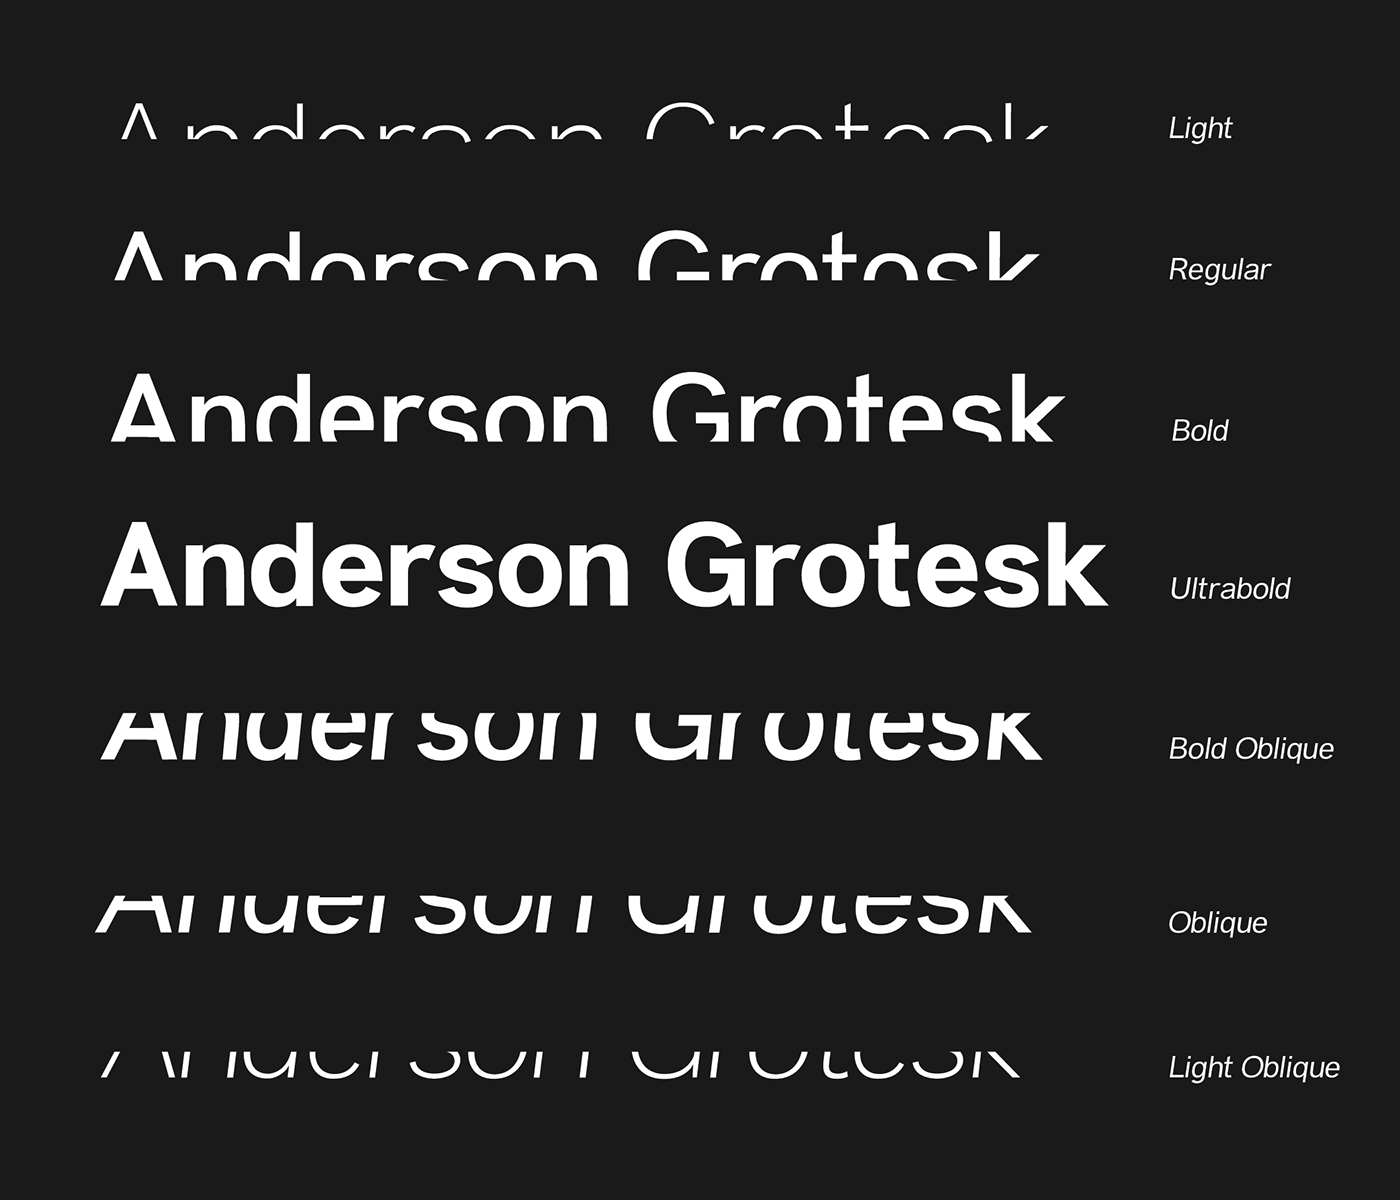 Anderson-Grotesk